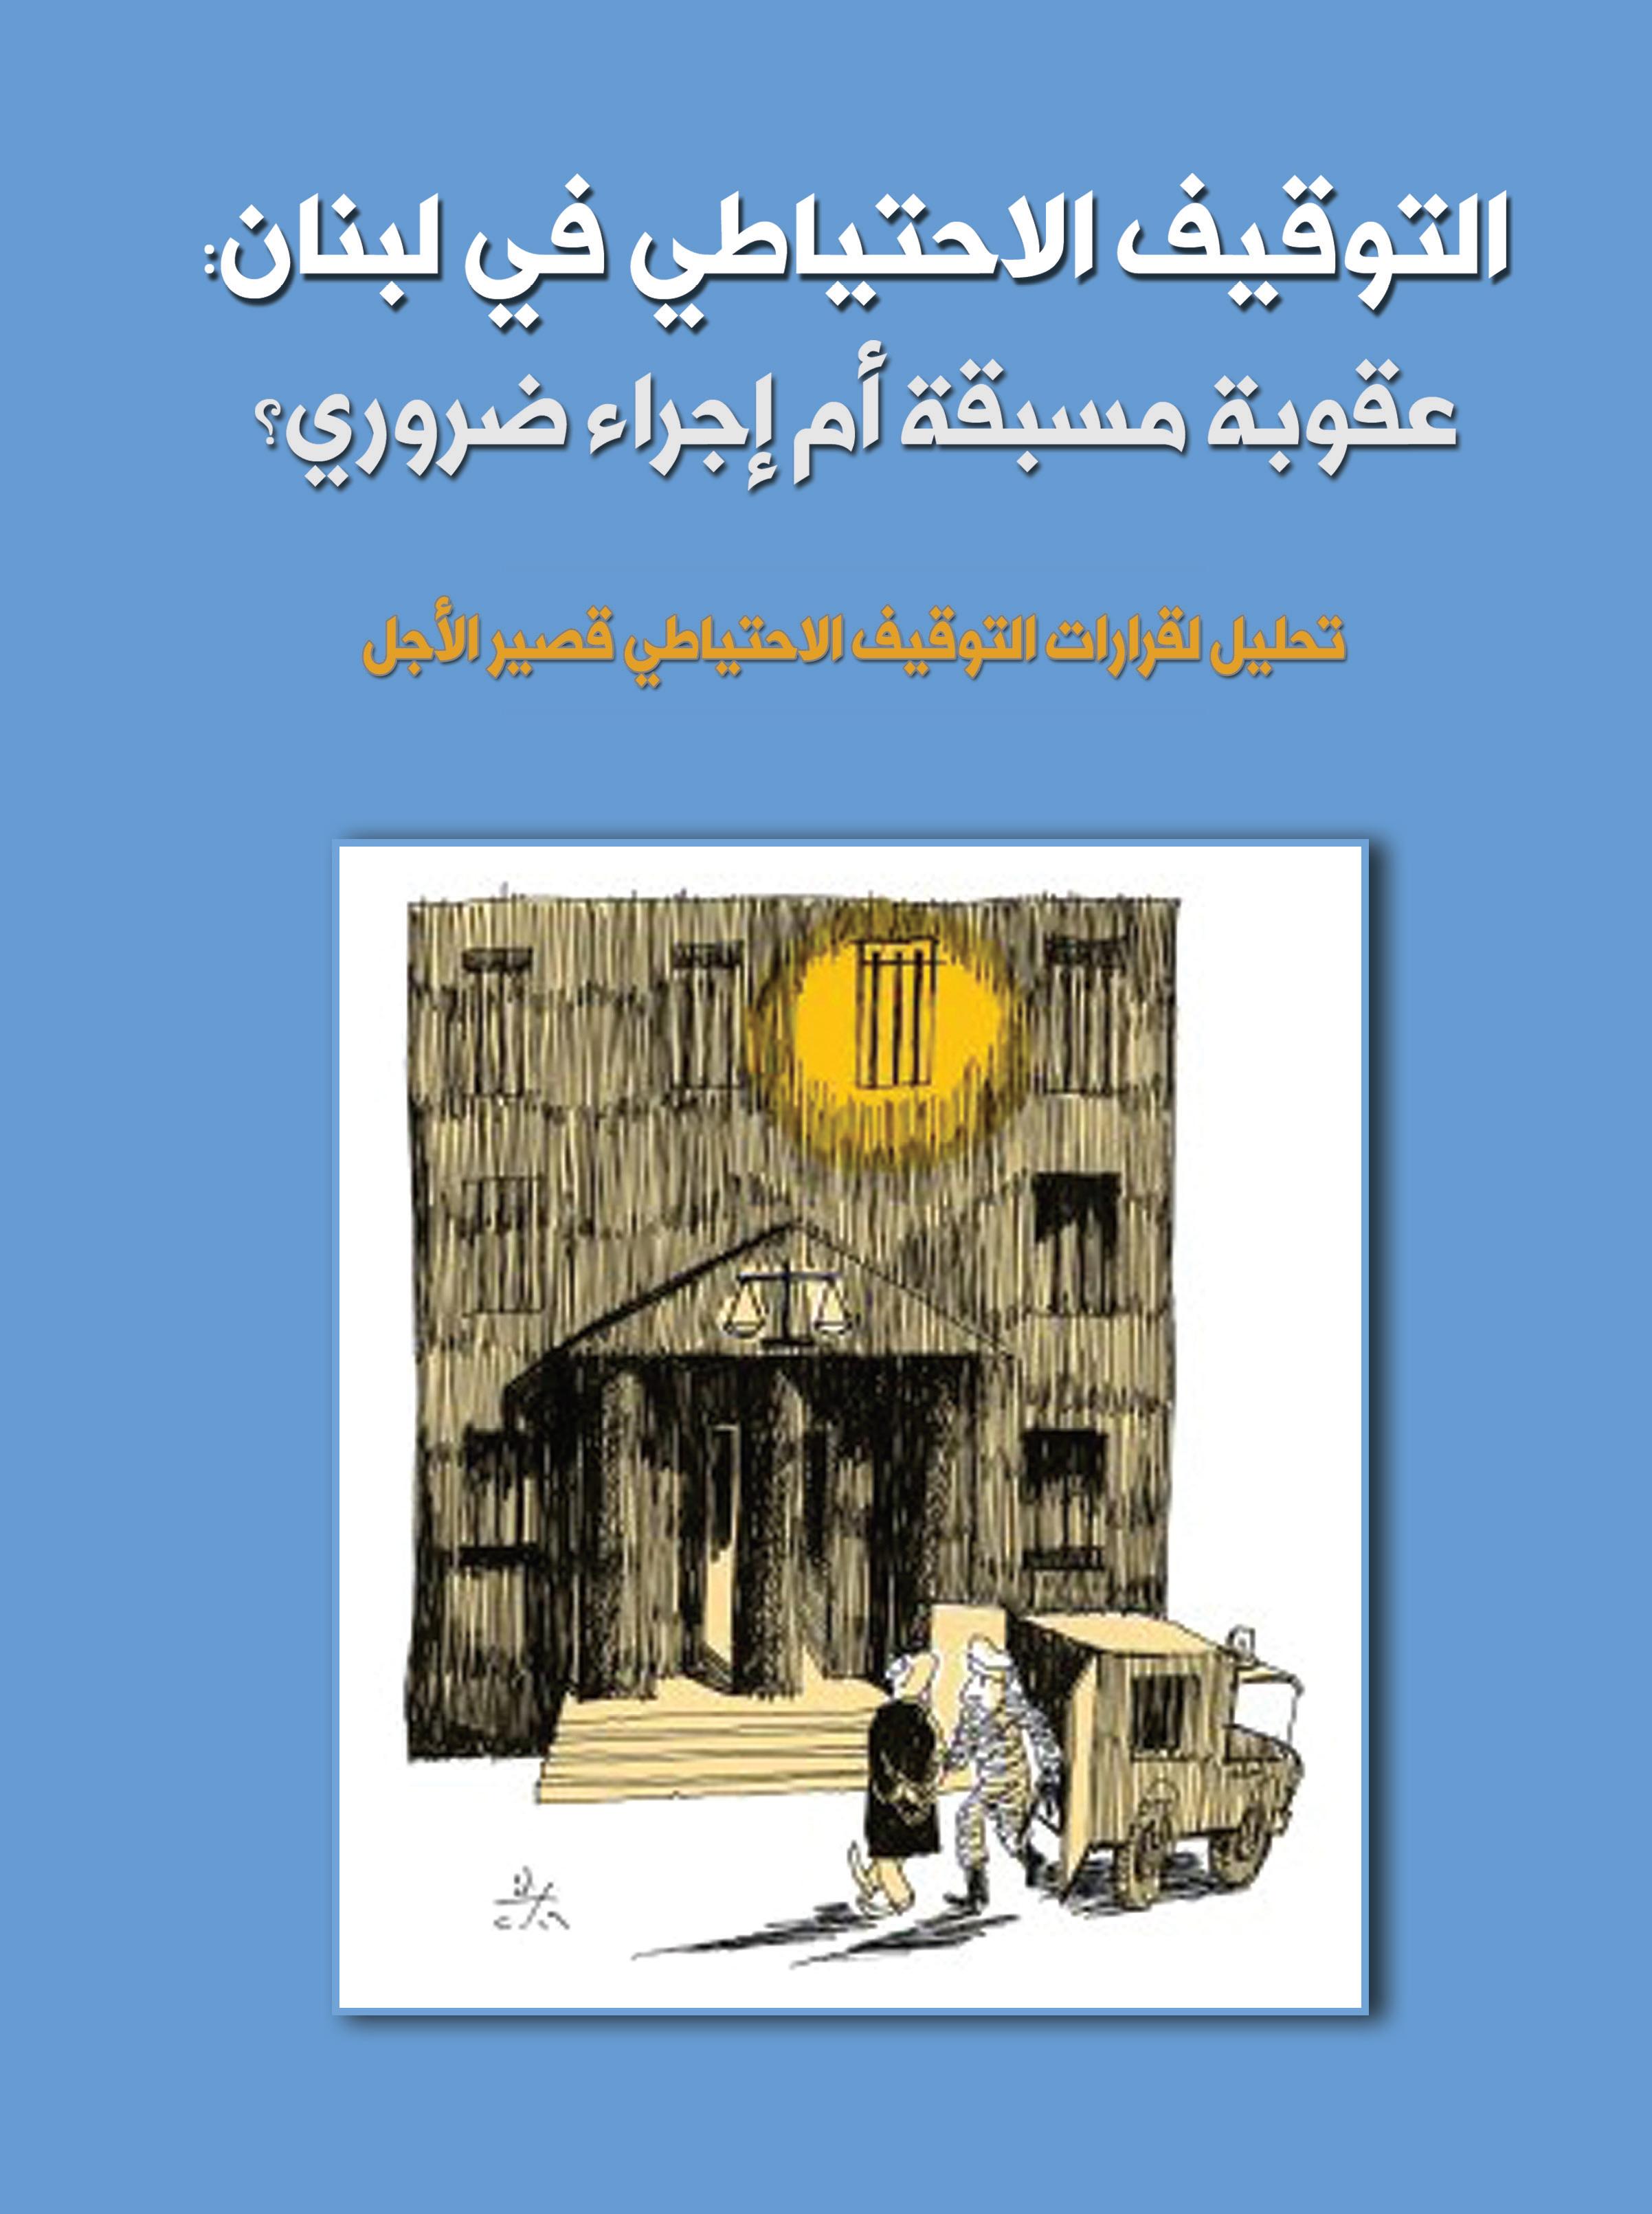 التوقيف الاحتياطي في لبنان: عقوبة مسبقة أم إجراء ضروري؟